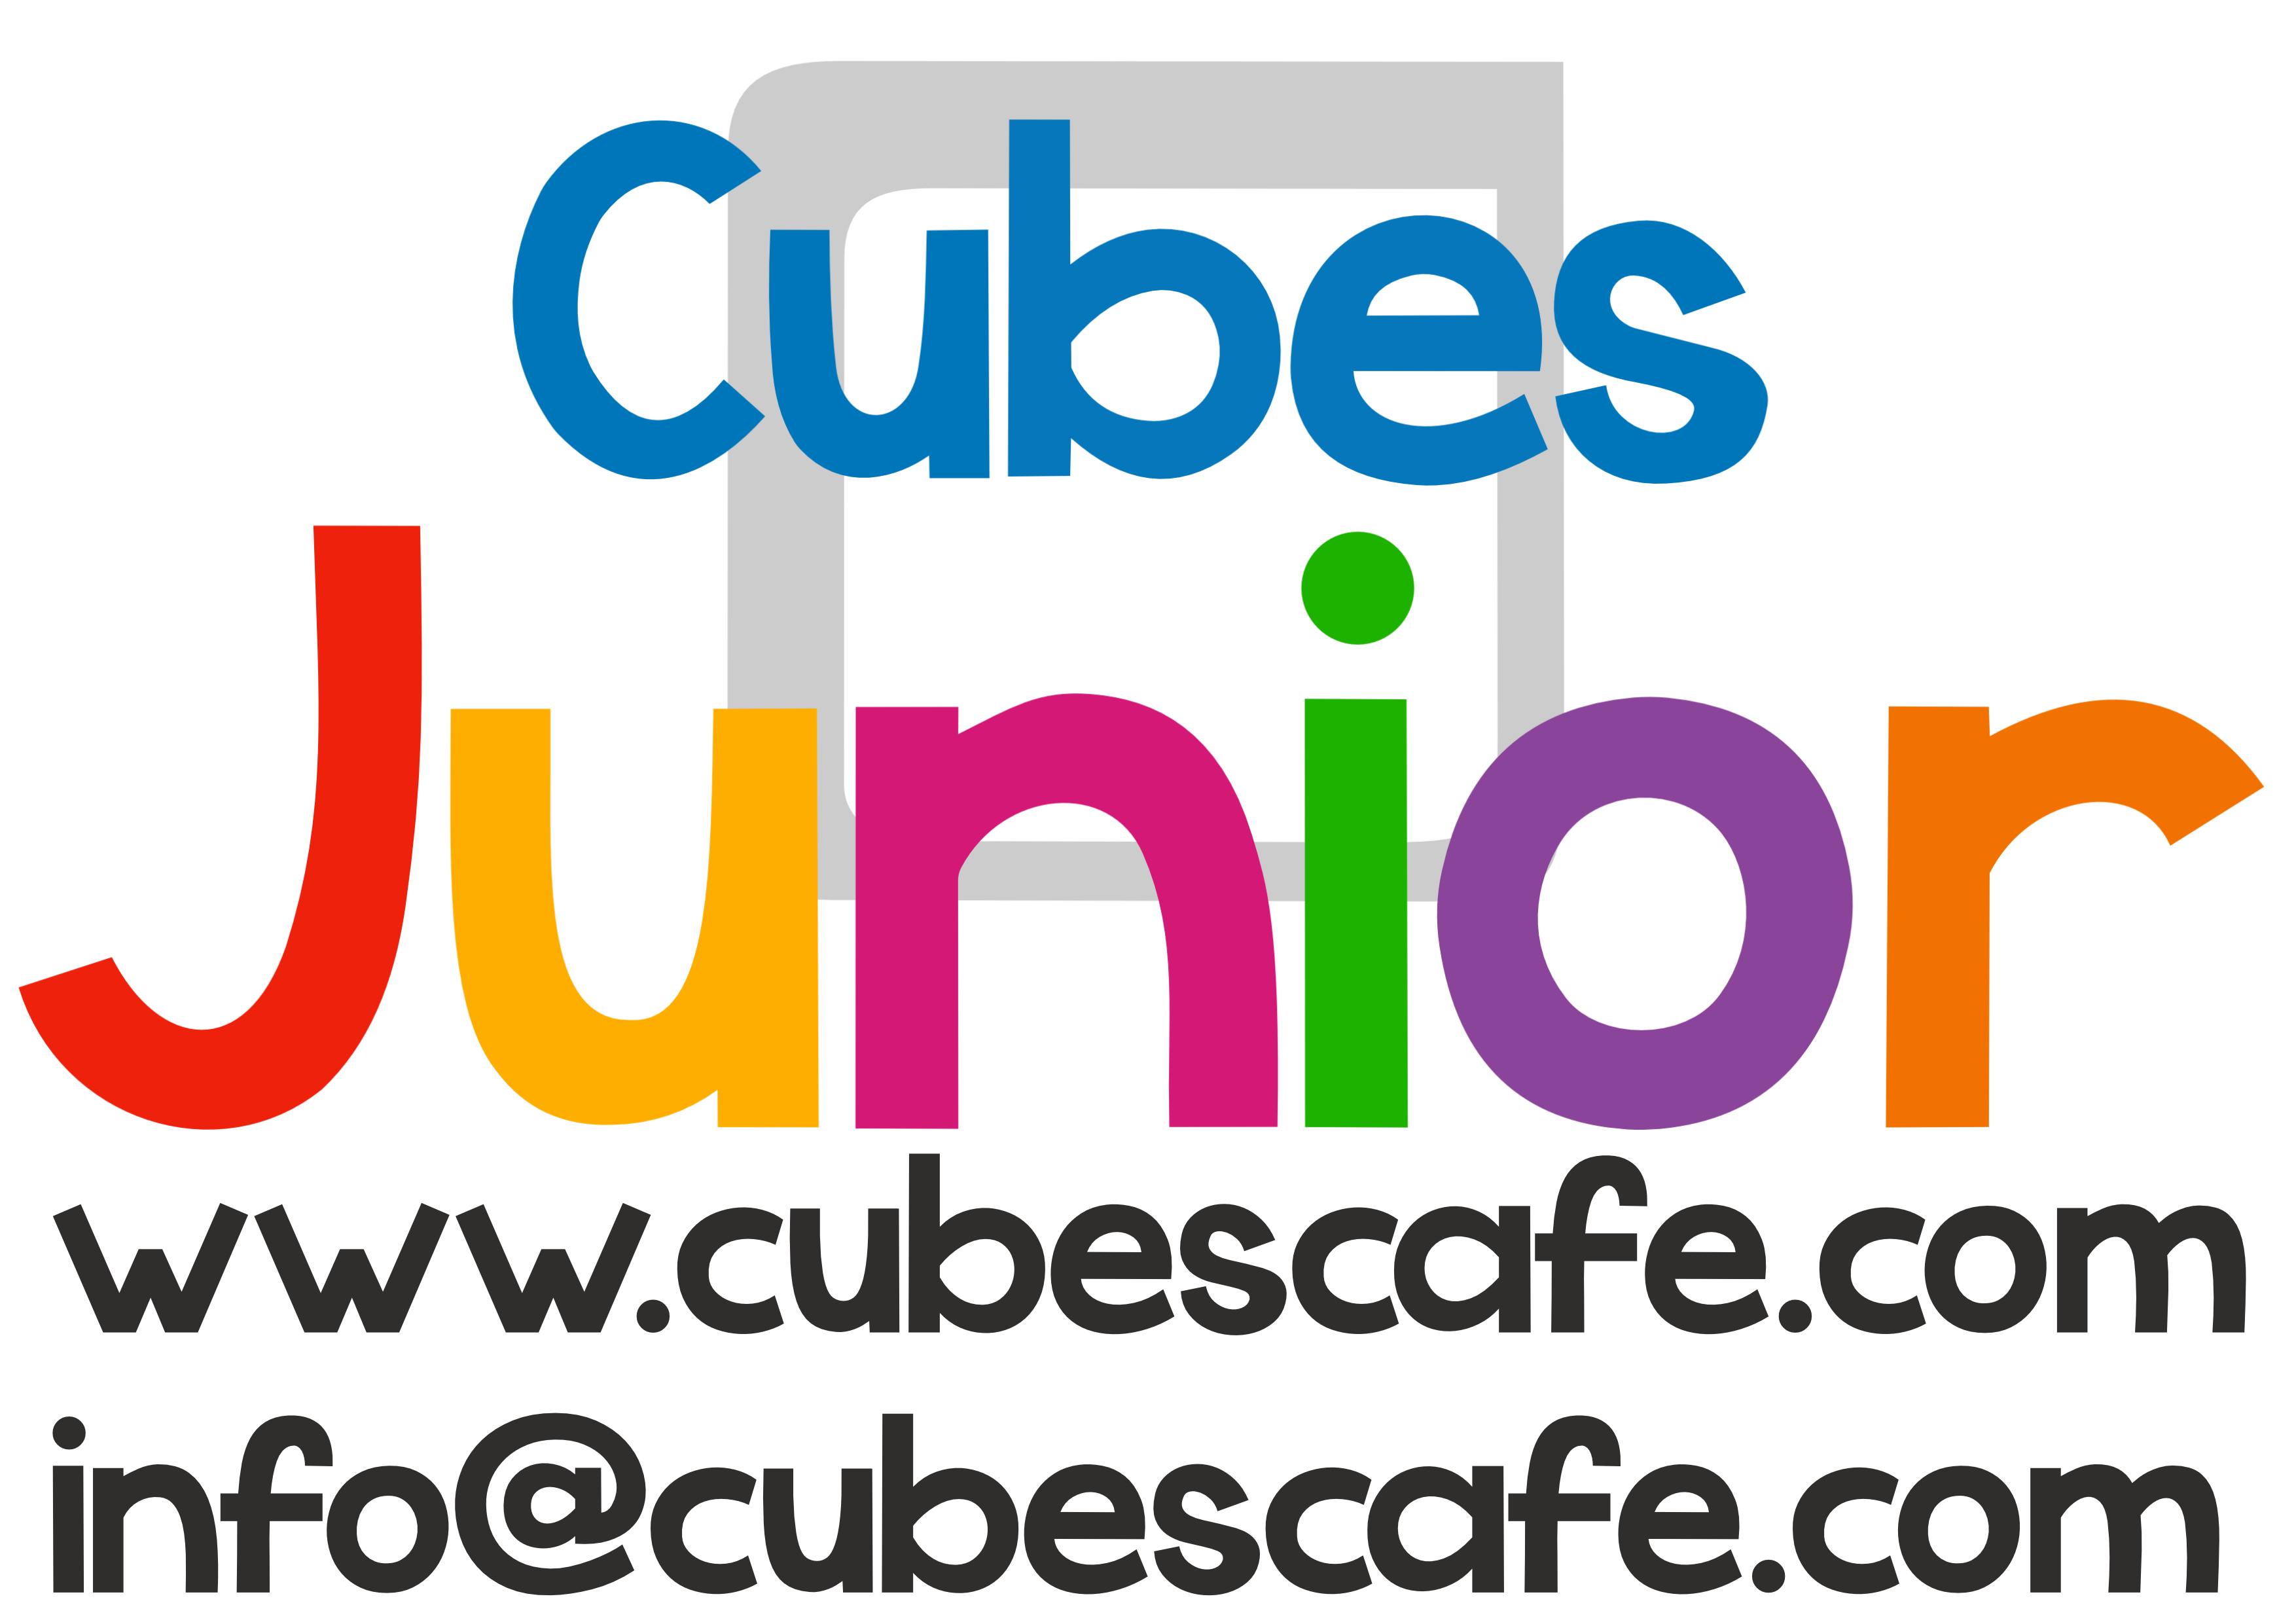 CUBES JUNIOR